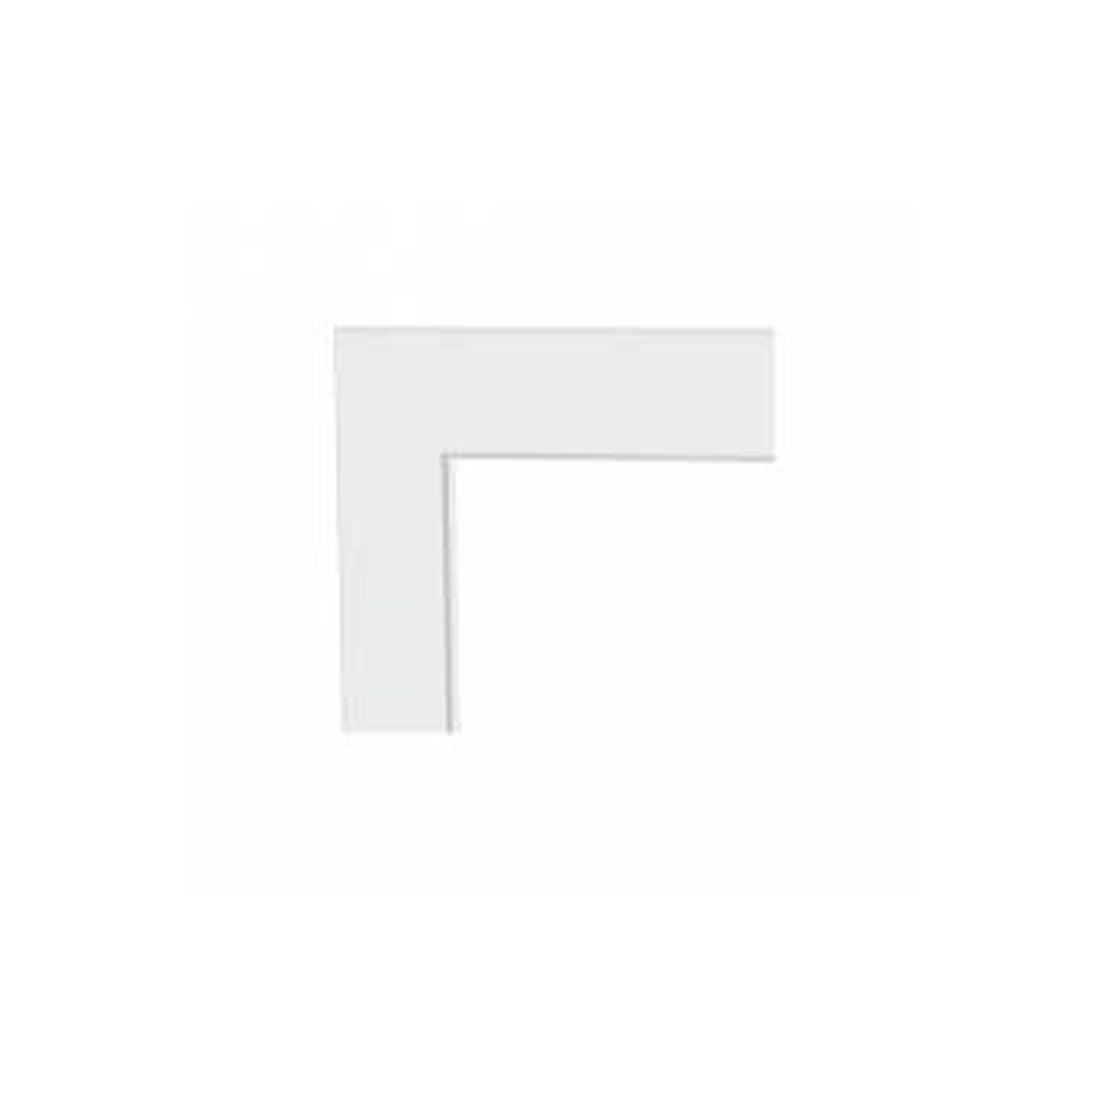 Guarnição Lucasa para Porta Pivoltante Branca 2250x1300 Ref 9196.0